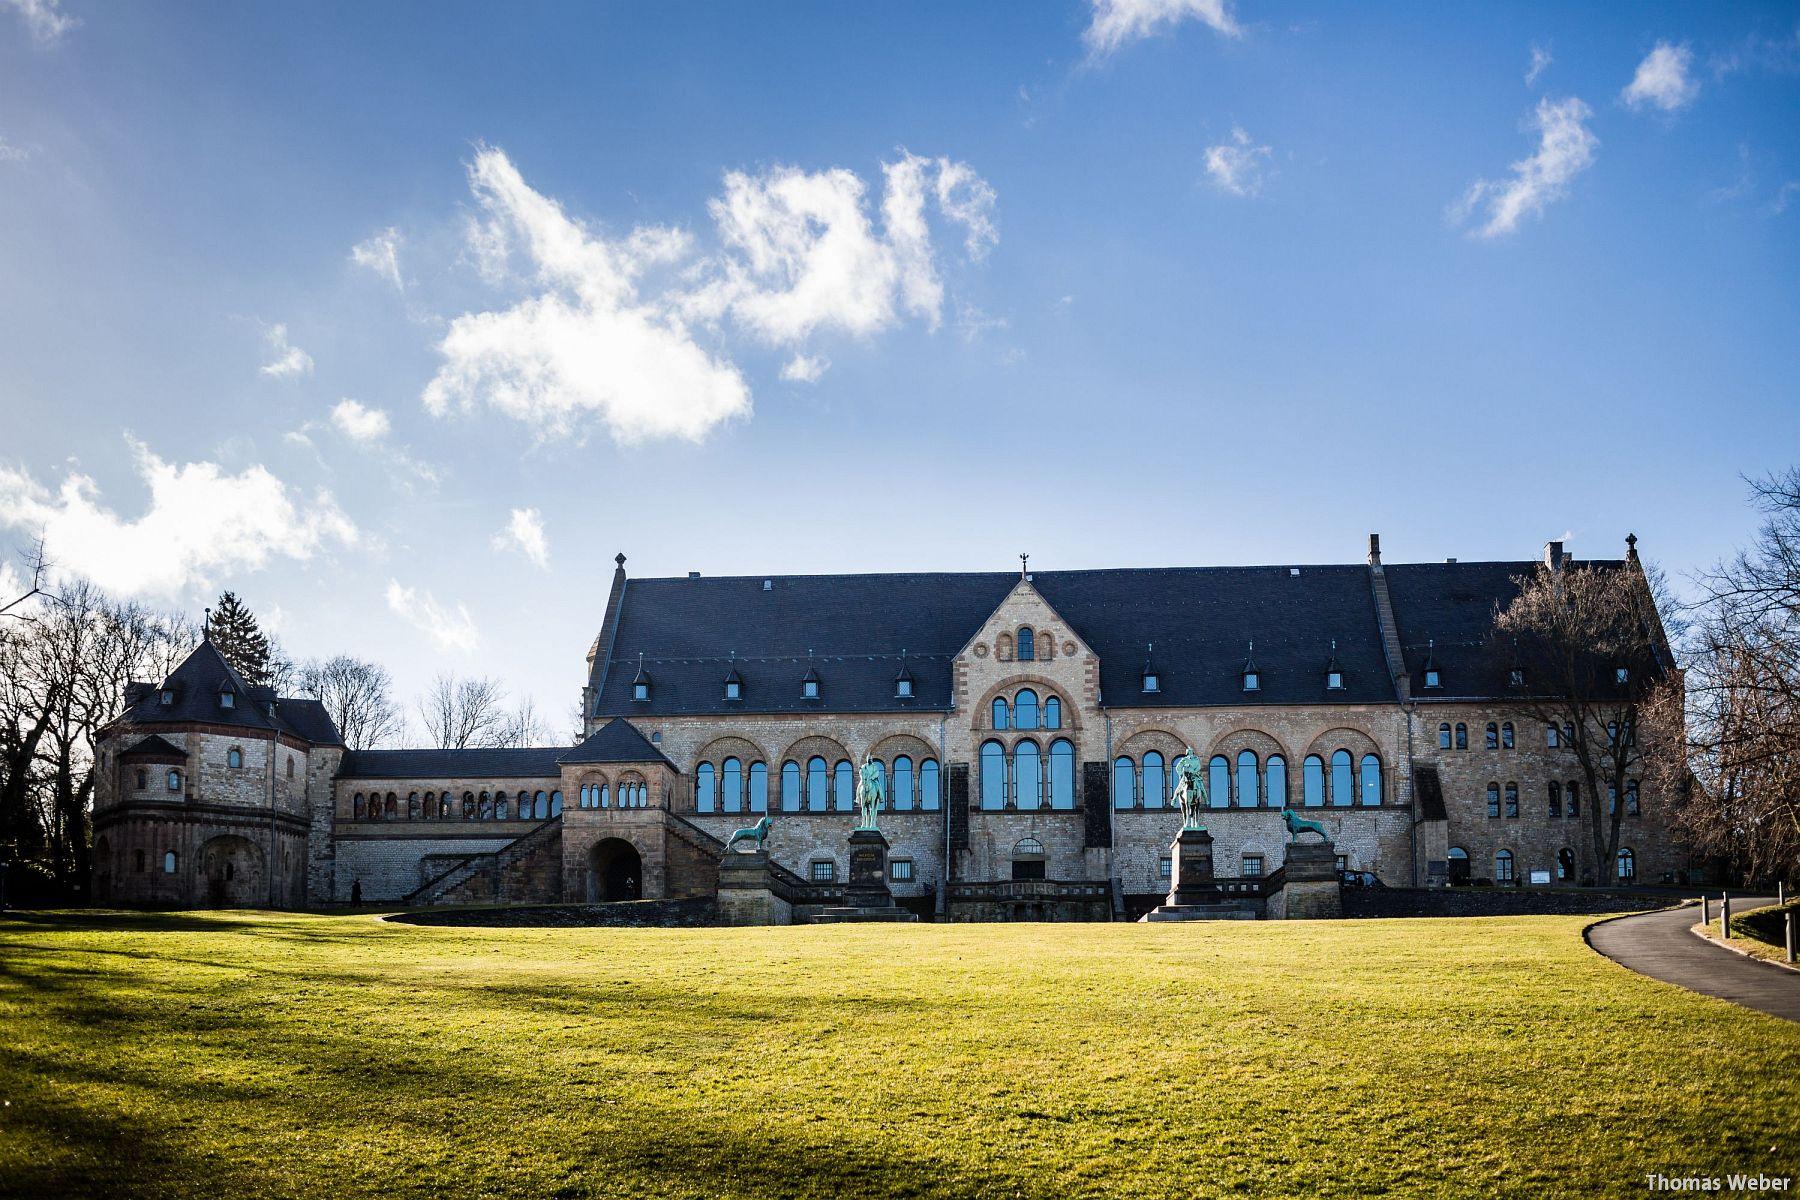 Hochzeitsfotograf Goslar: Standesamtliche Trauung in der Kaiserpfalz in Goslar (Harz) (12)